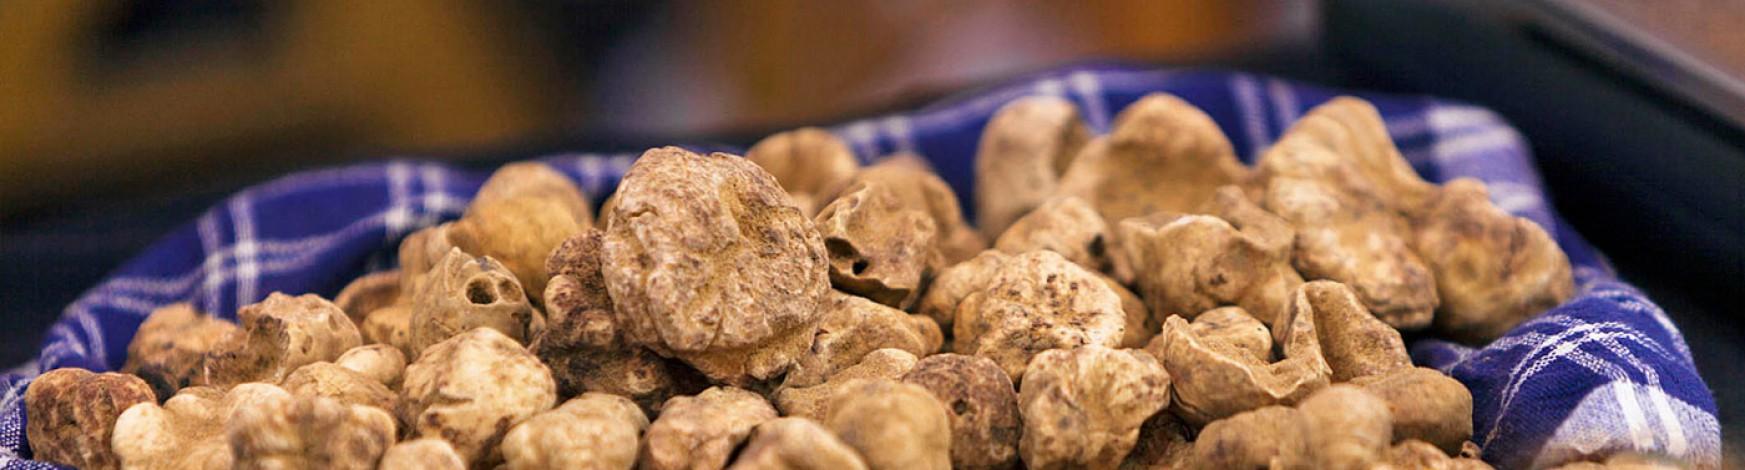 buying-white-truffles-banner